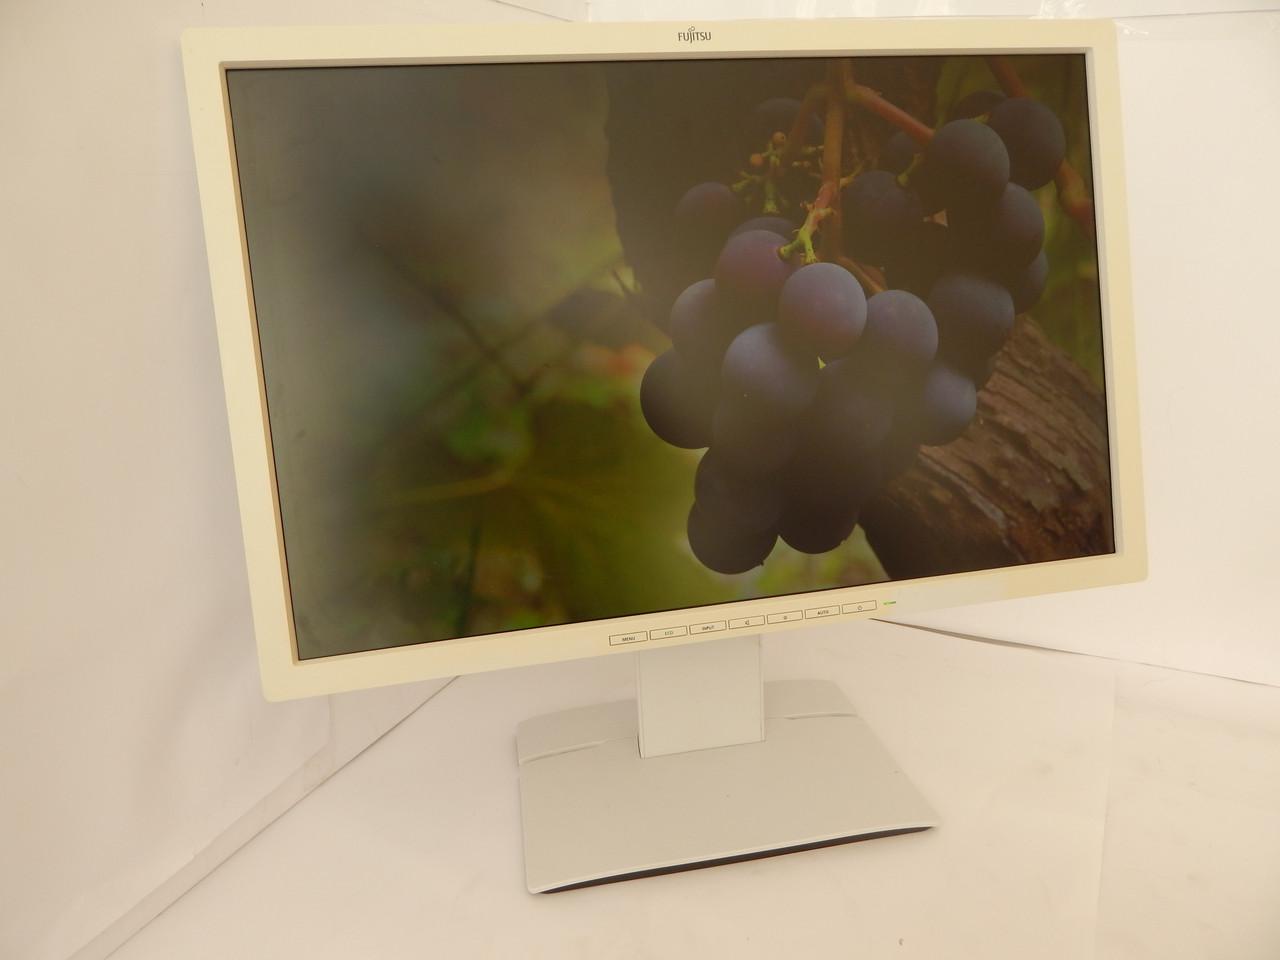 Монитор 24 Fujitsu Business Line B24W-6 LED Full Hd